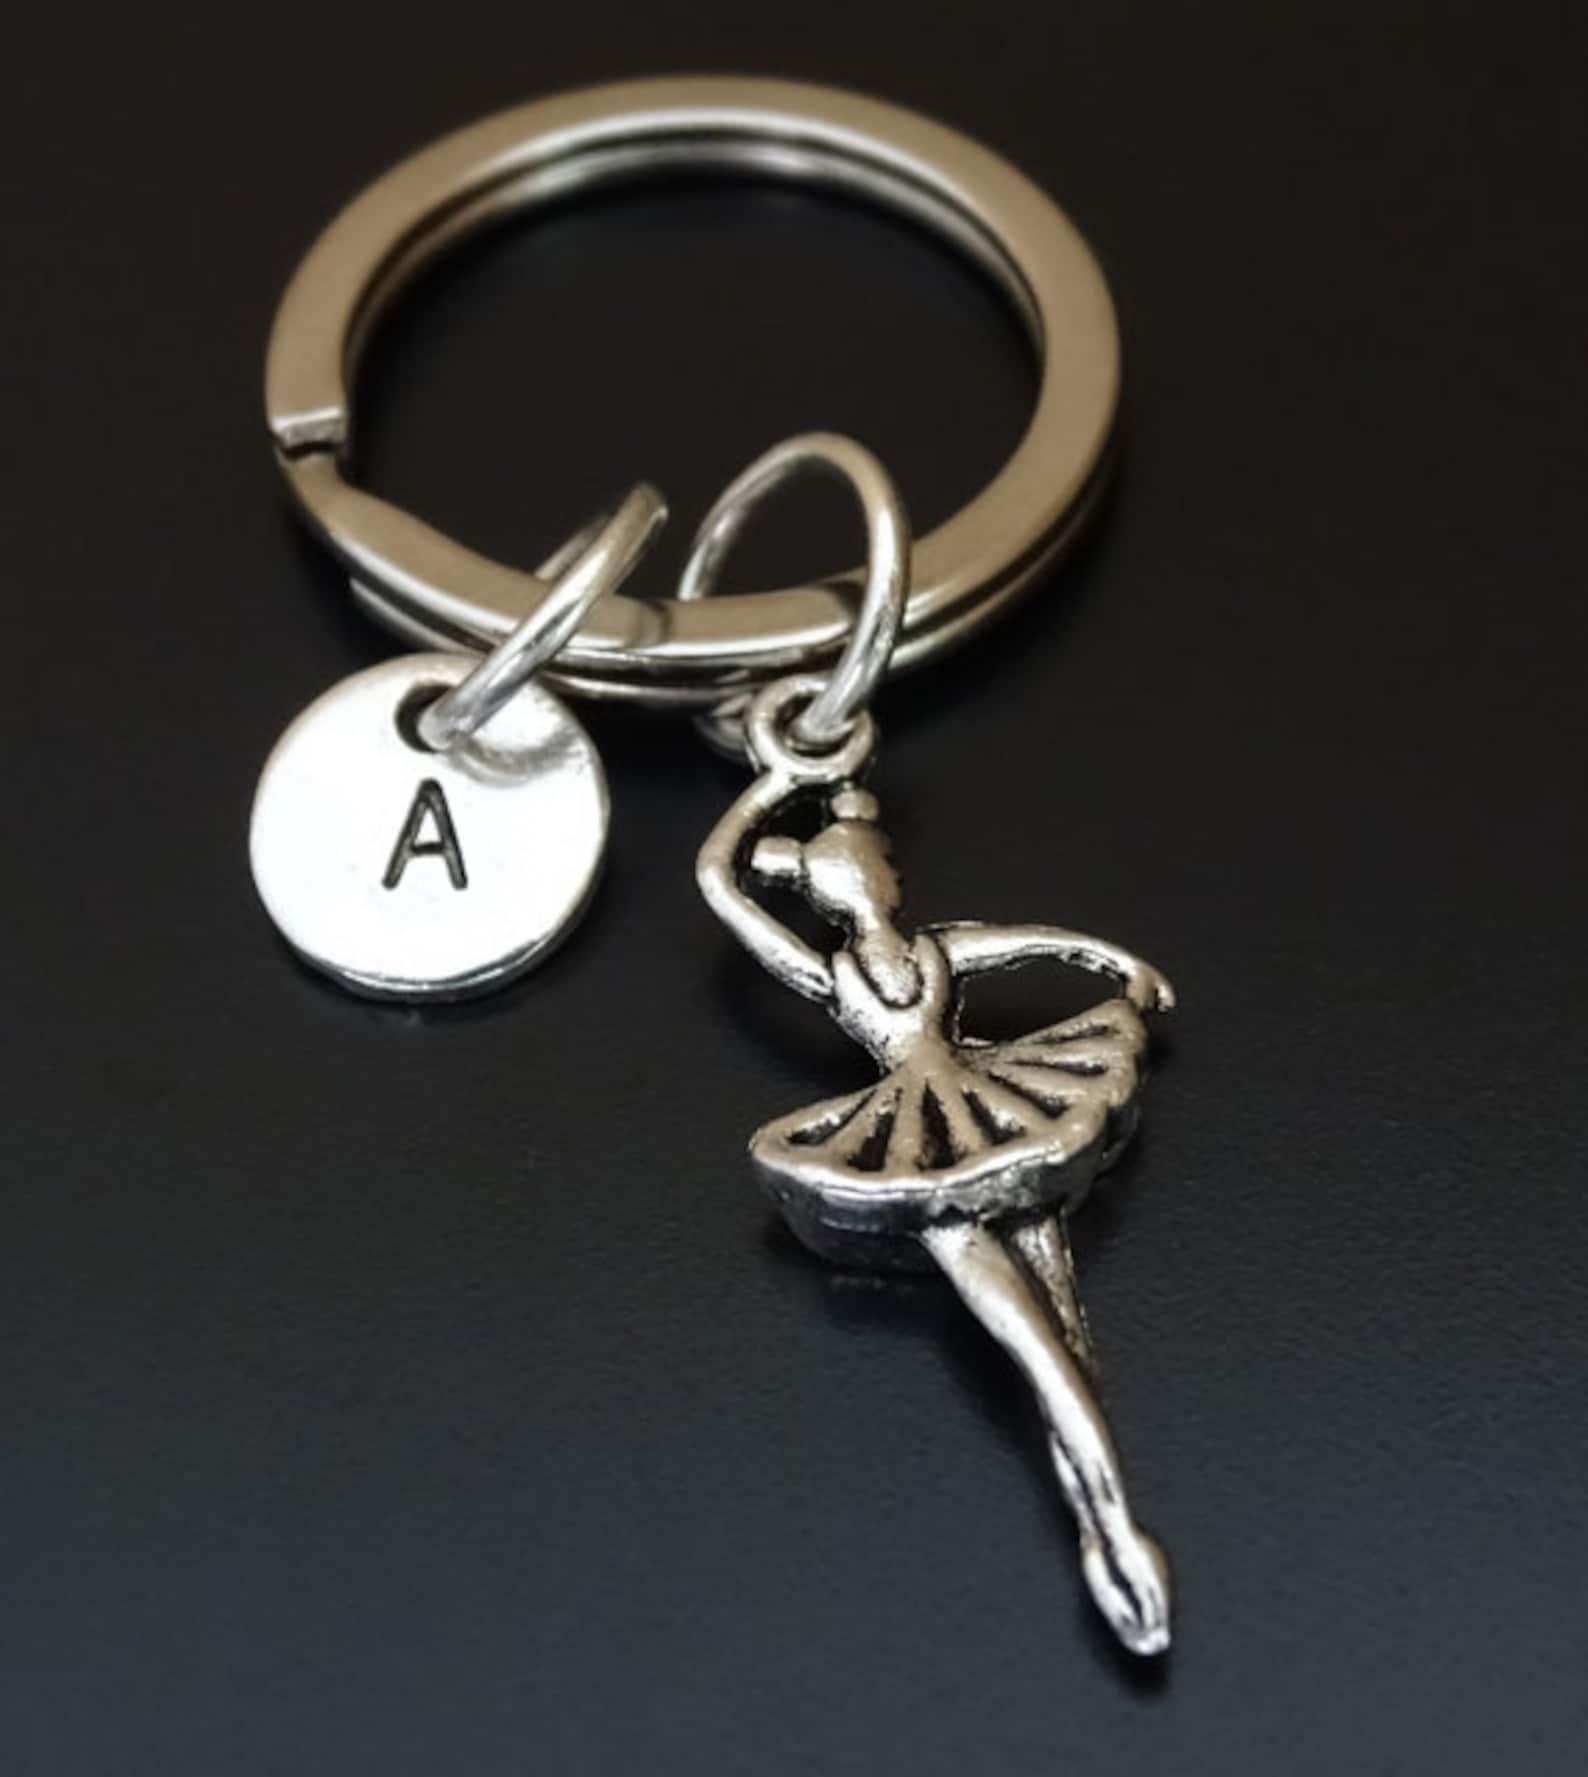 ballerina keychain, ballerina key chain, ballerina charm, ballerina pendant, ballerina jewelry, ballerina gift, ballet keychain,